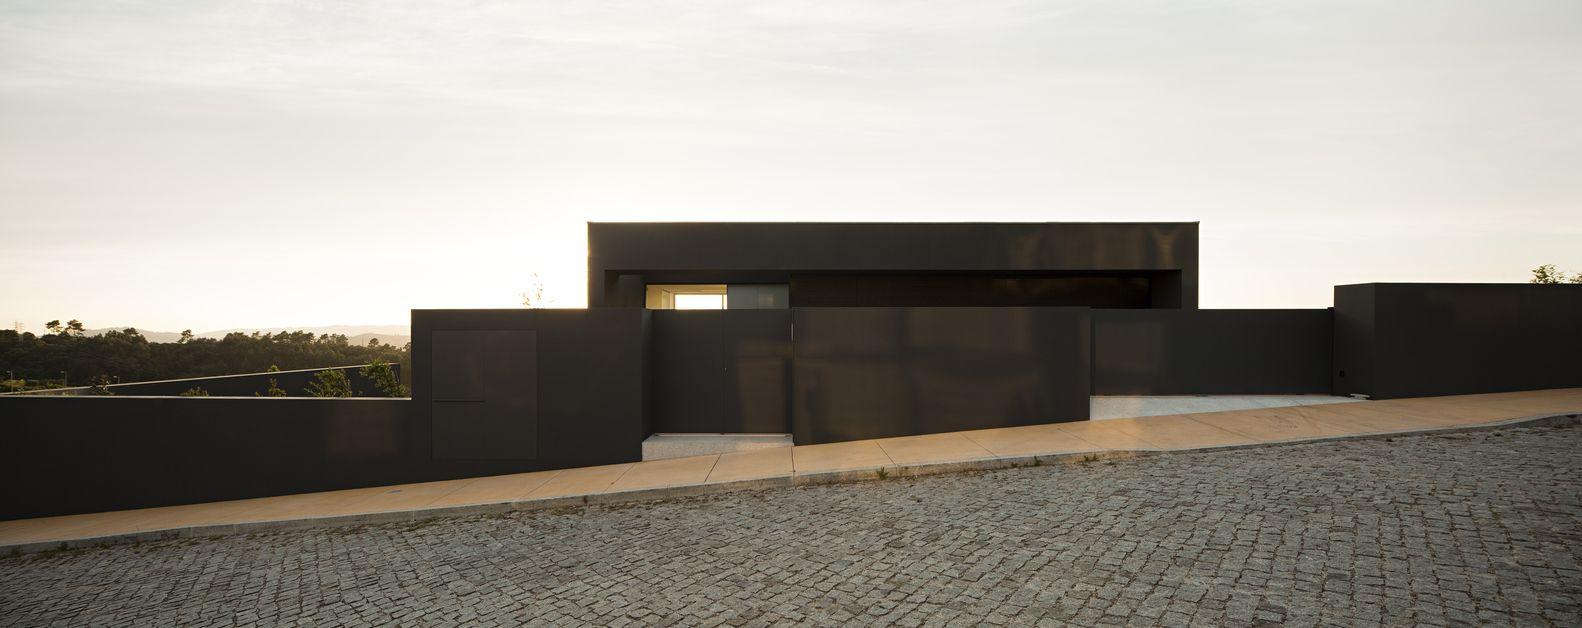 Galer a de casa en guimar es azo sequeira arquitectos - Maison ribatejo y atelier nuno lacerda lopes ...